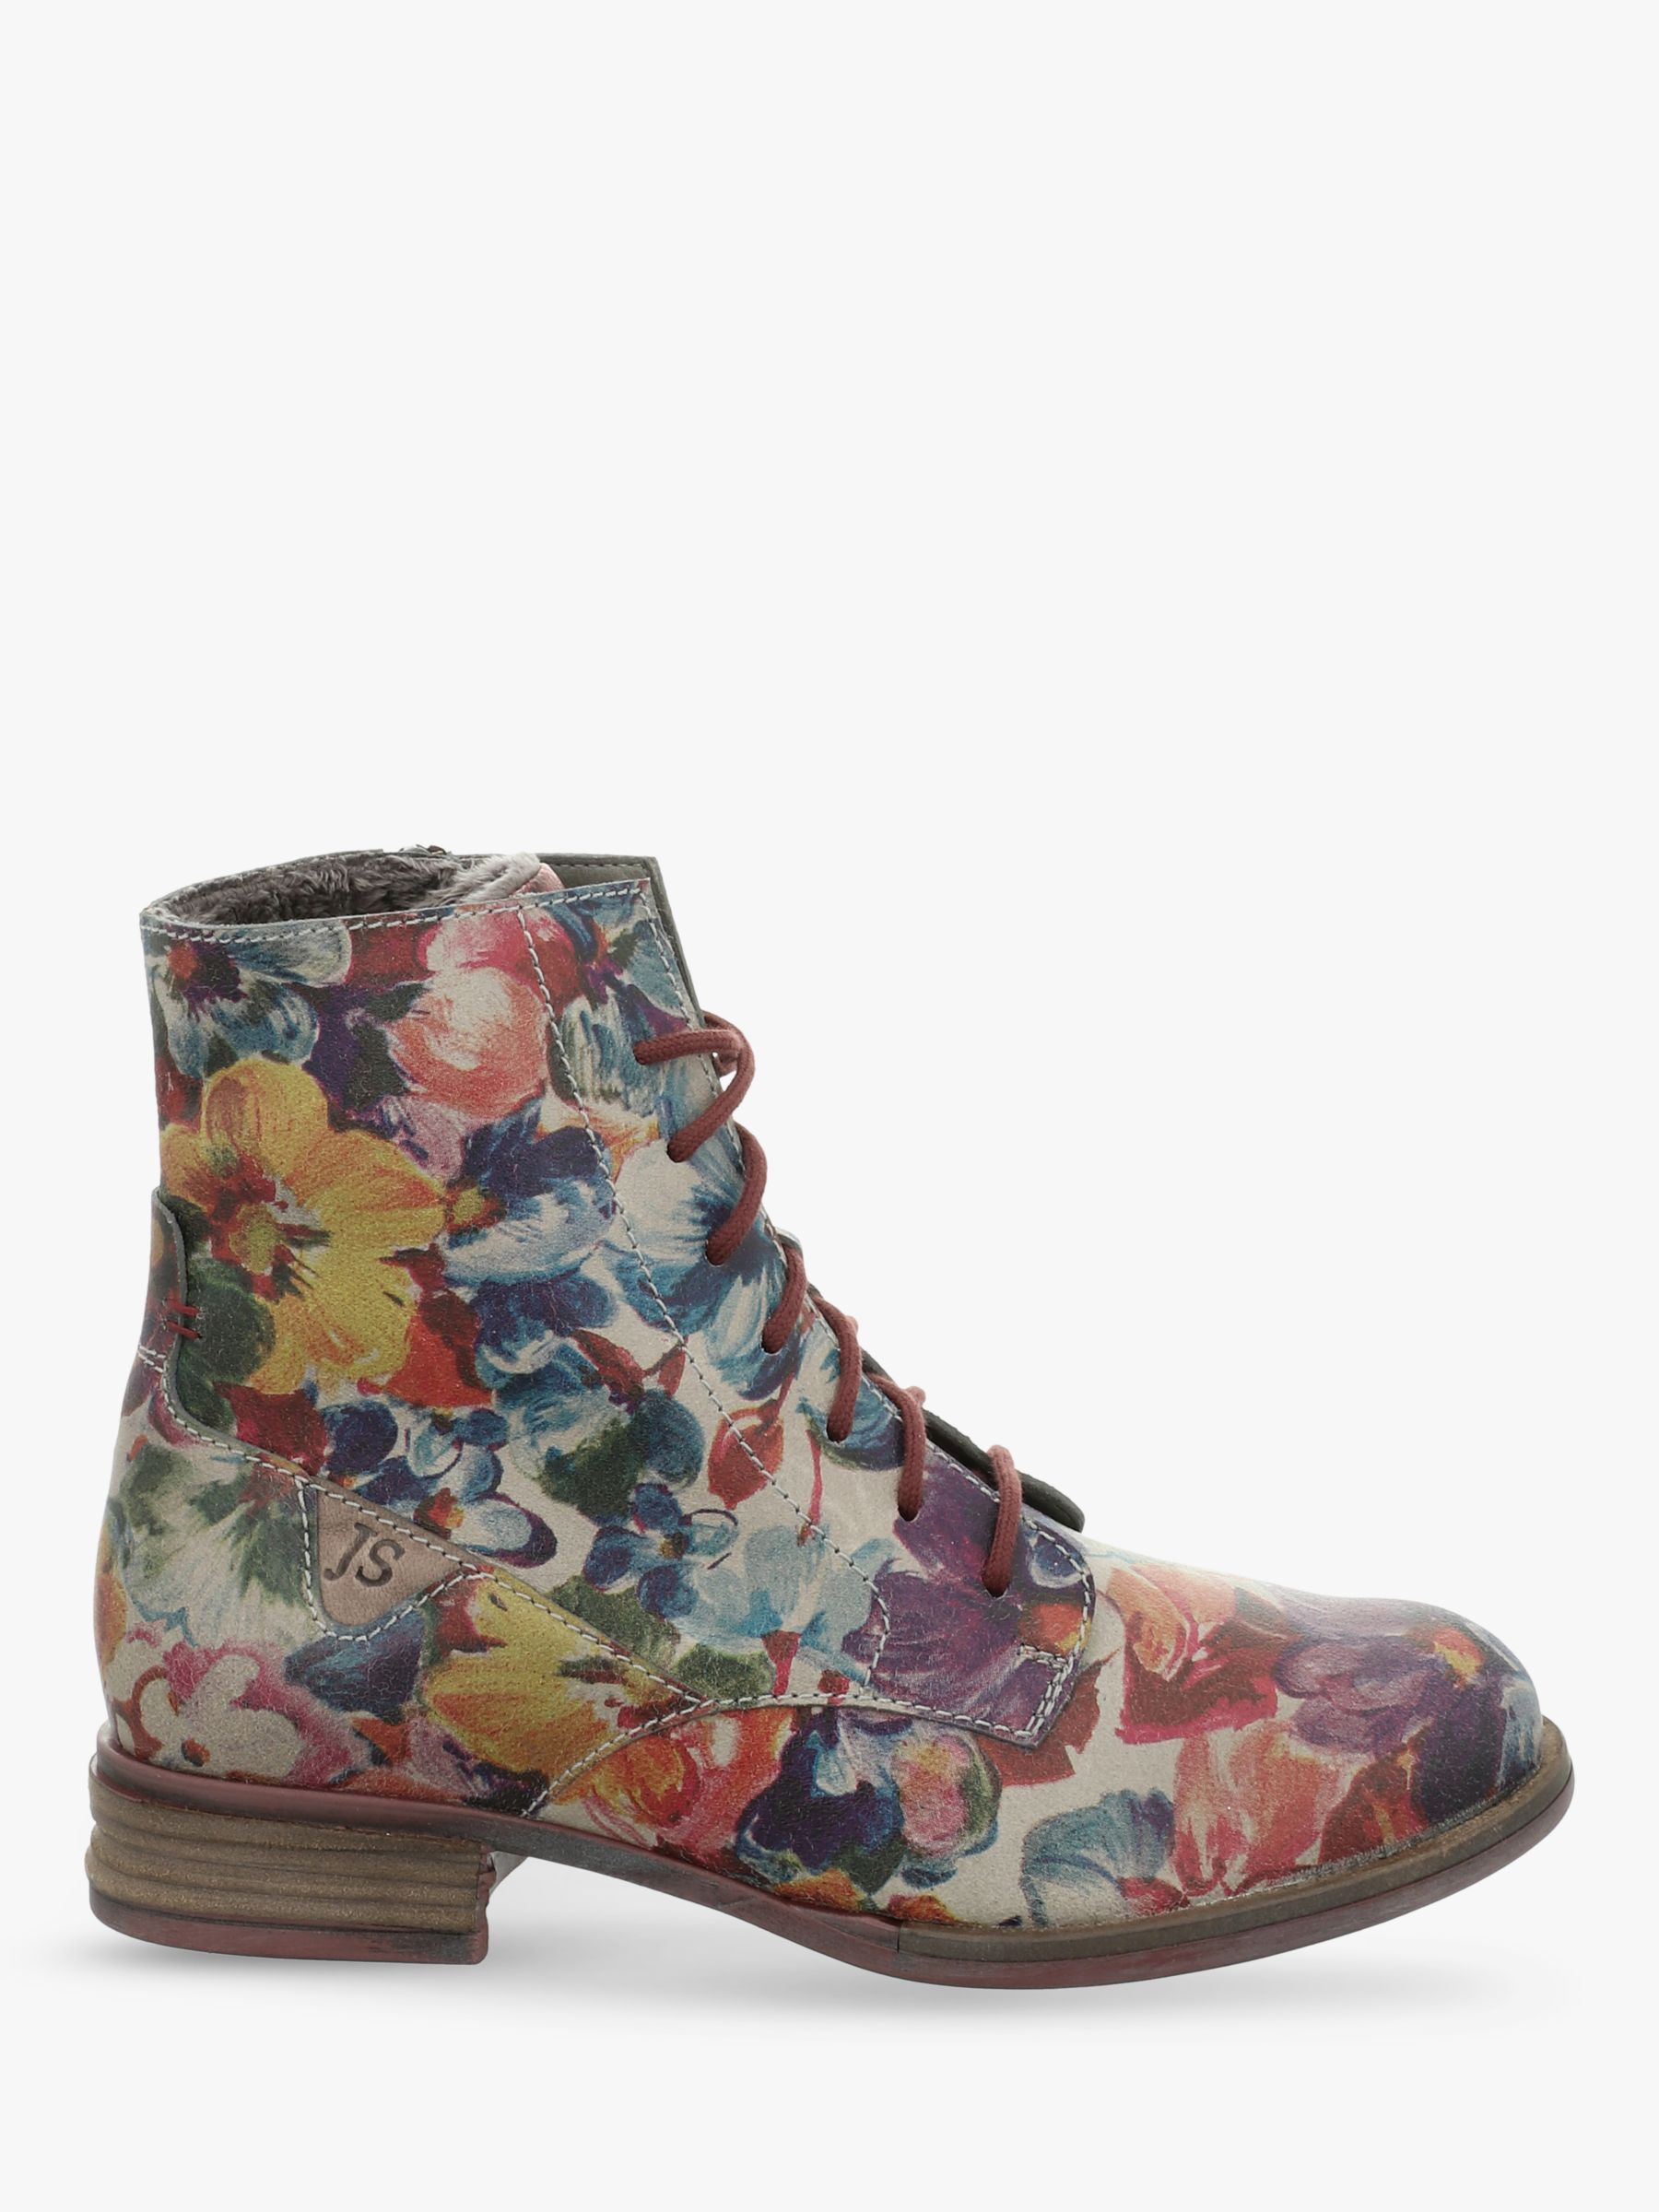 Josef Seibel Josef Seibel Sanja 1 Leather Ankle Boots, Multi